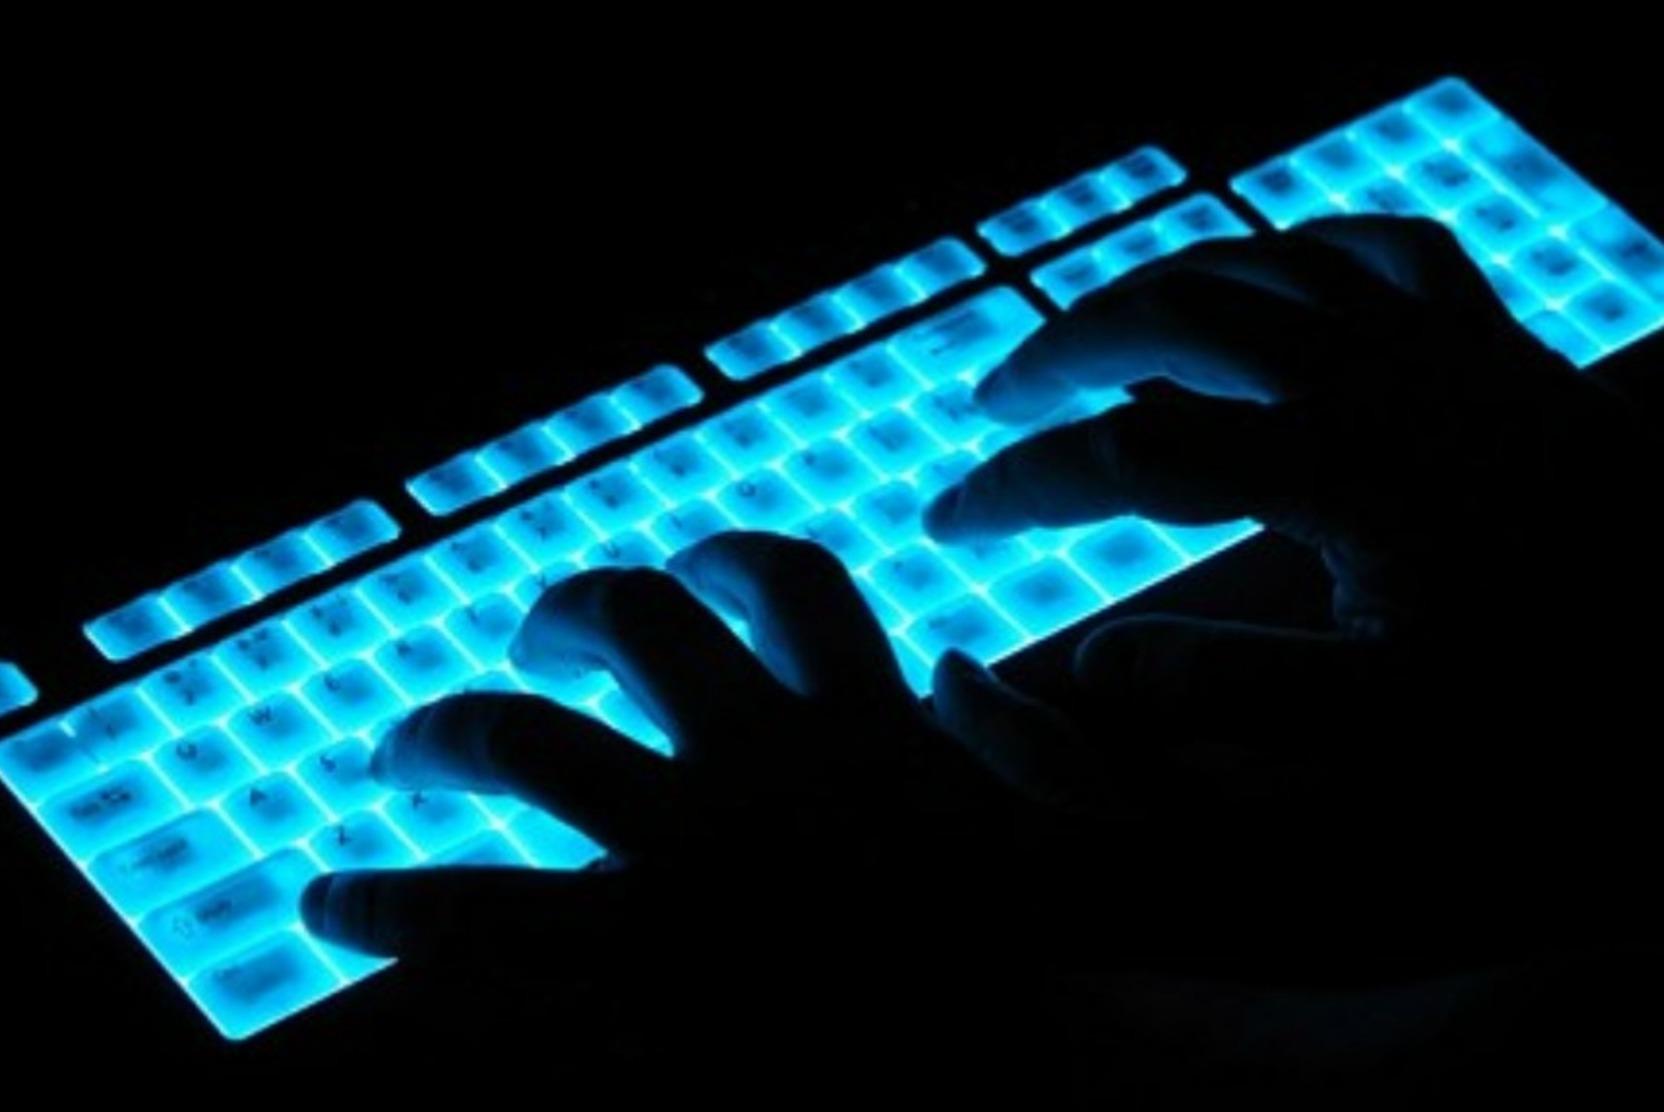 СМИ: Хакеры смогли взломать соцсеть Clubhouse